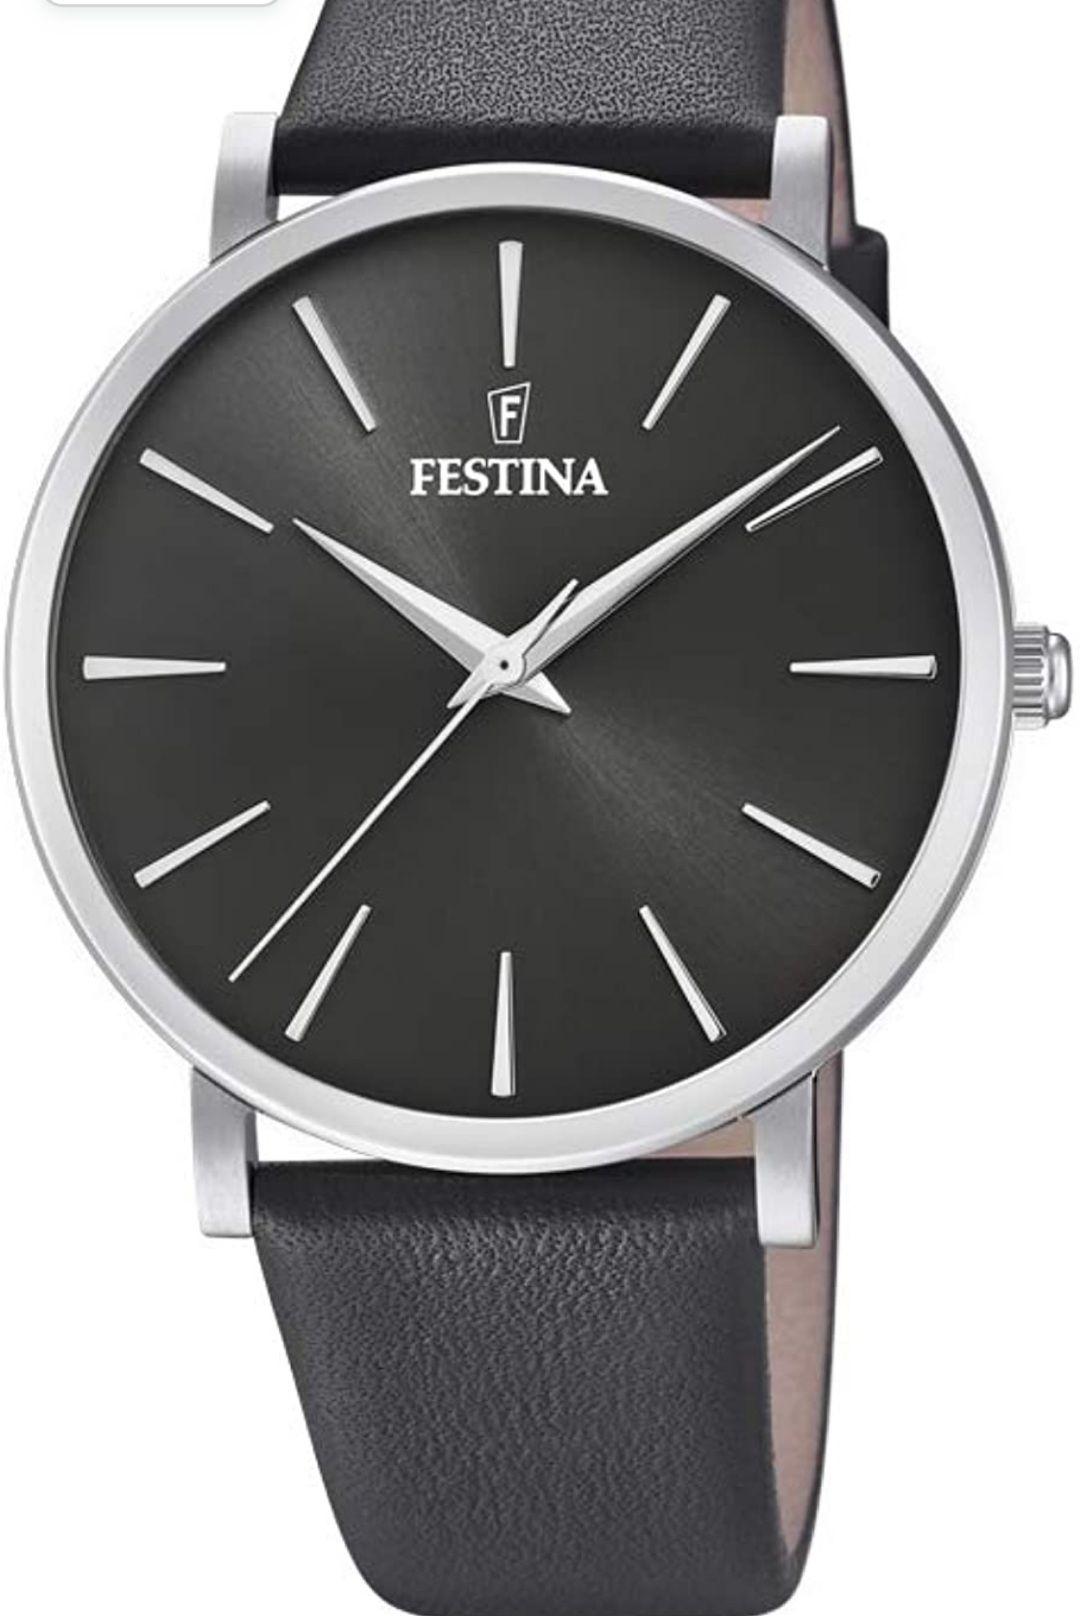 Reloj Festina mujer (Envío e impuestos incluidos)